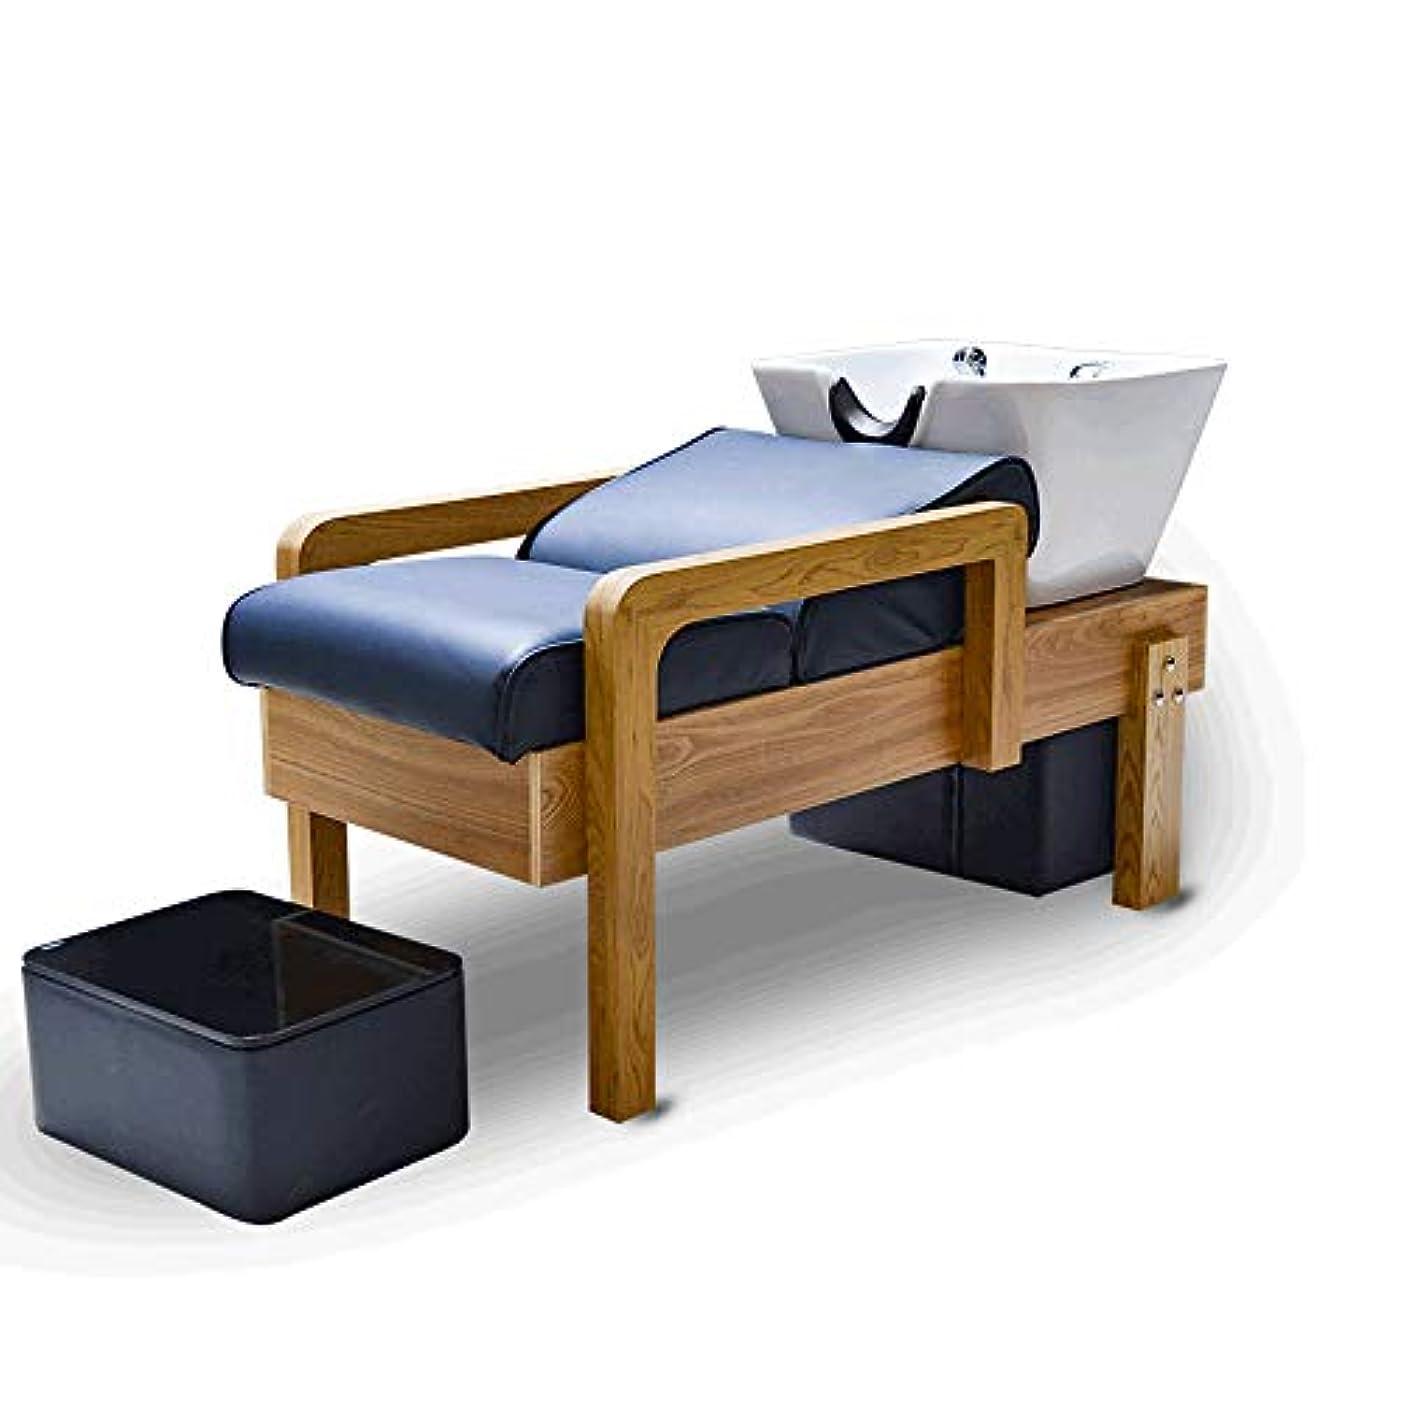 レイプ許可する知恵シャンプー椅子逆洗ボウルユニット駅理容椅子、 ヘアーサロンの純木の半横たわるシャンプーのベッドの鉱泉の大広間装置